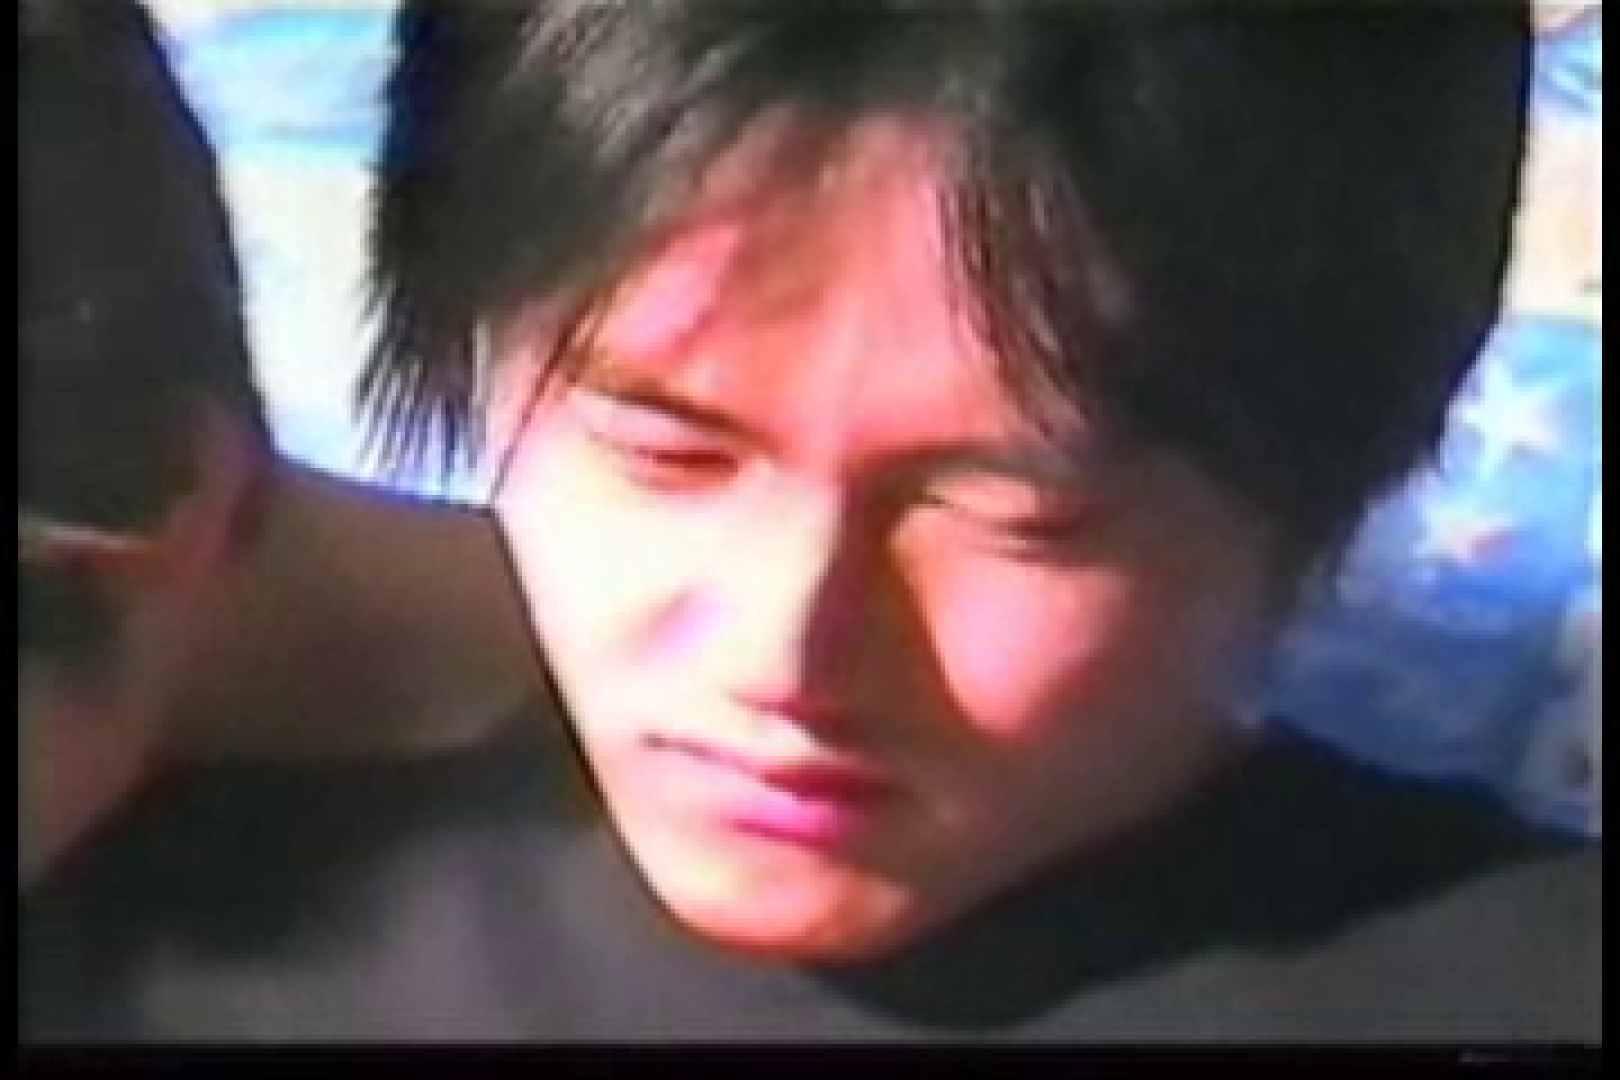 【投稿作品】秘蔵流出ビデオ!!甘い追憶 生挿入 ペニス画像 97枚 4